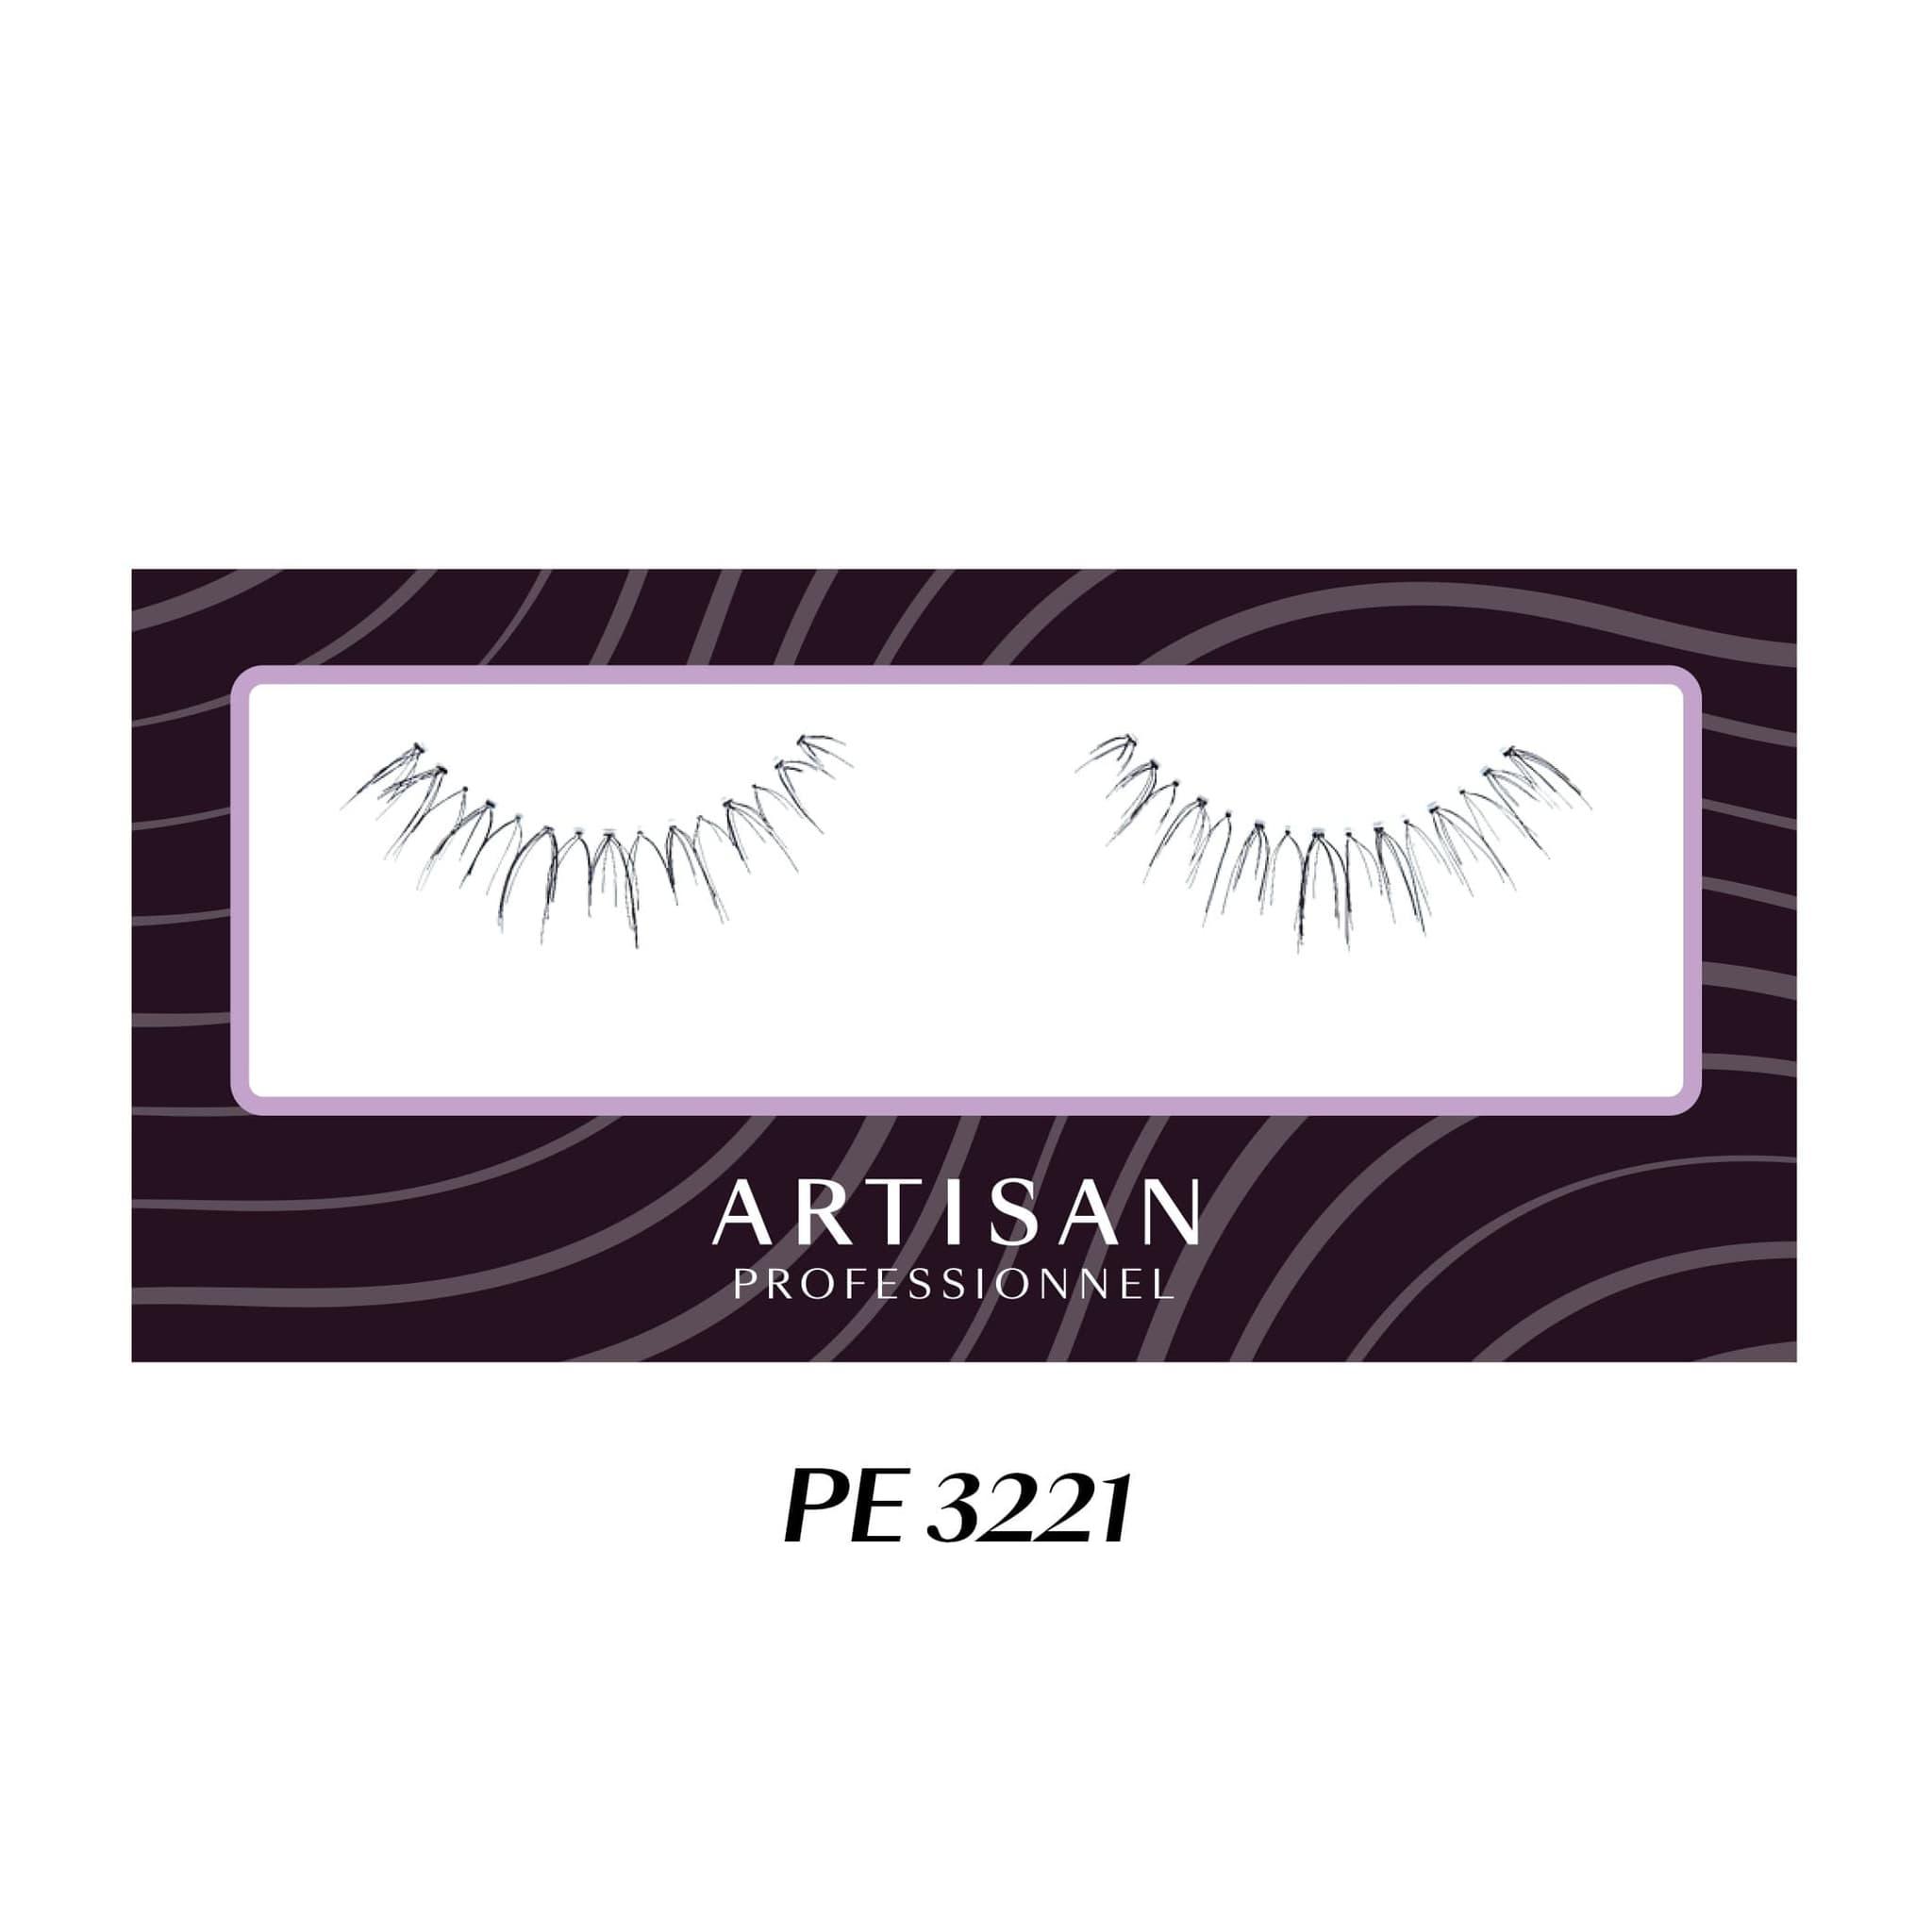 ARTISAN - Petite 3221 X Vamakeup- Bulu Mata Palsu thumbnail